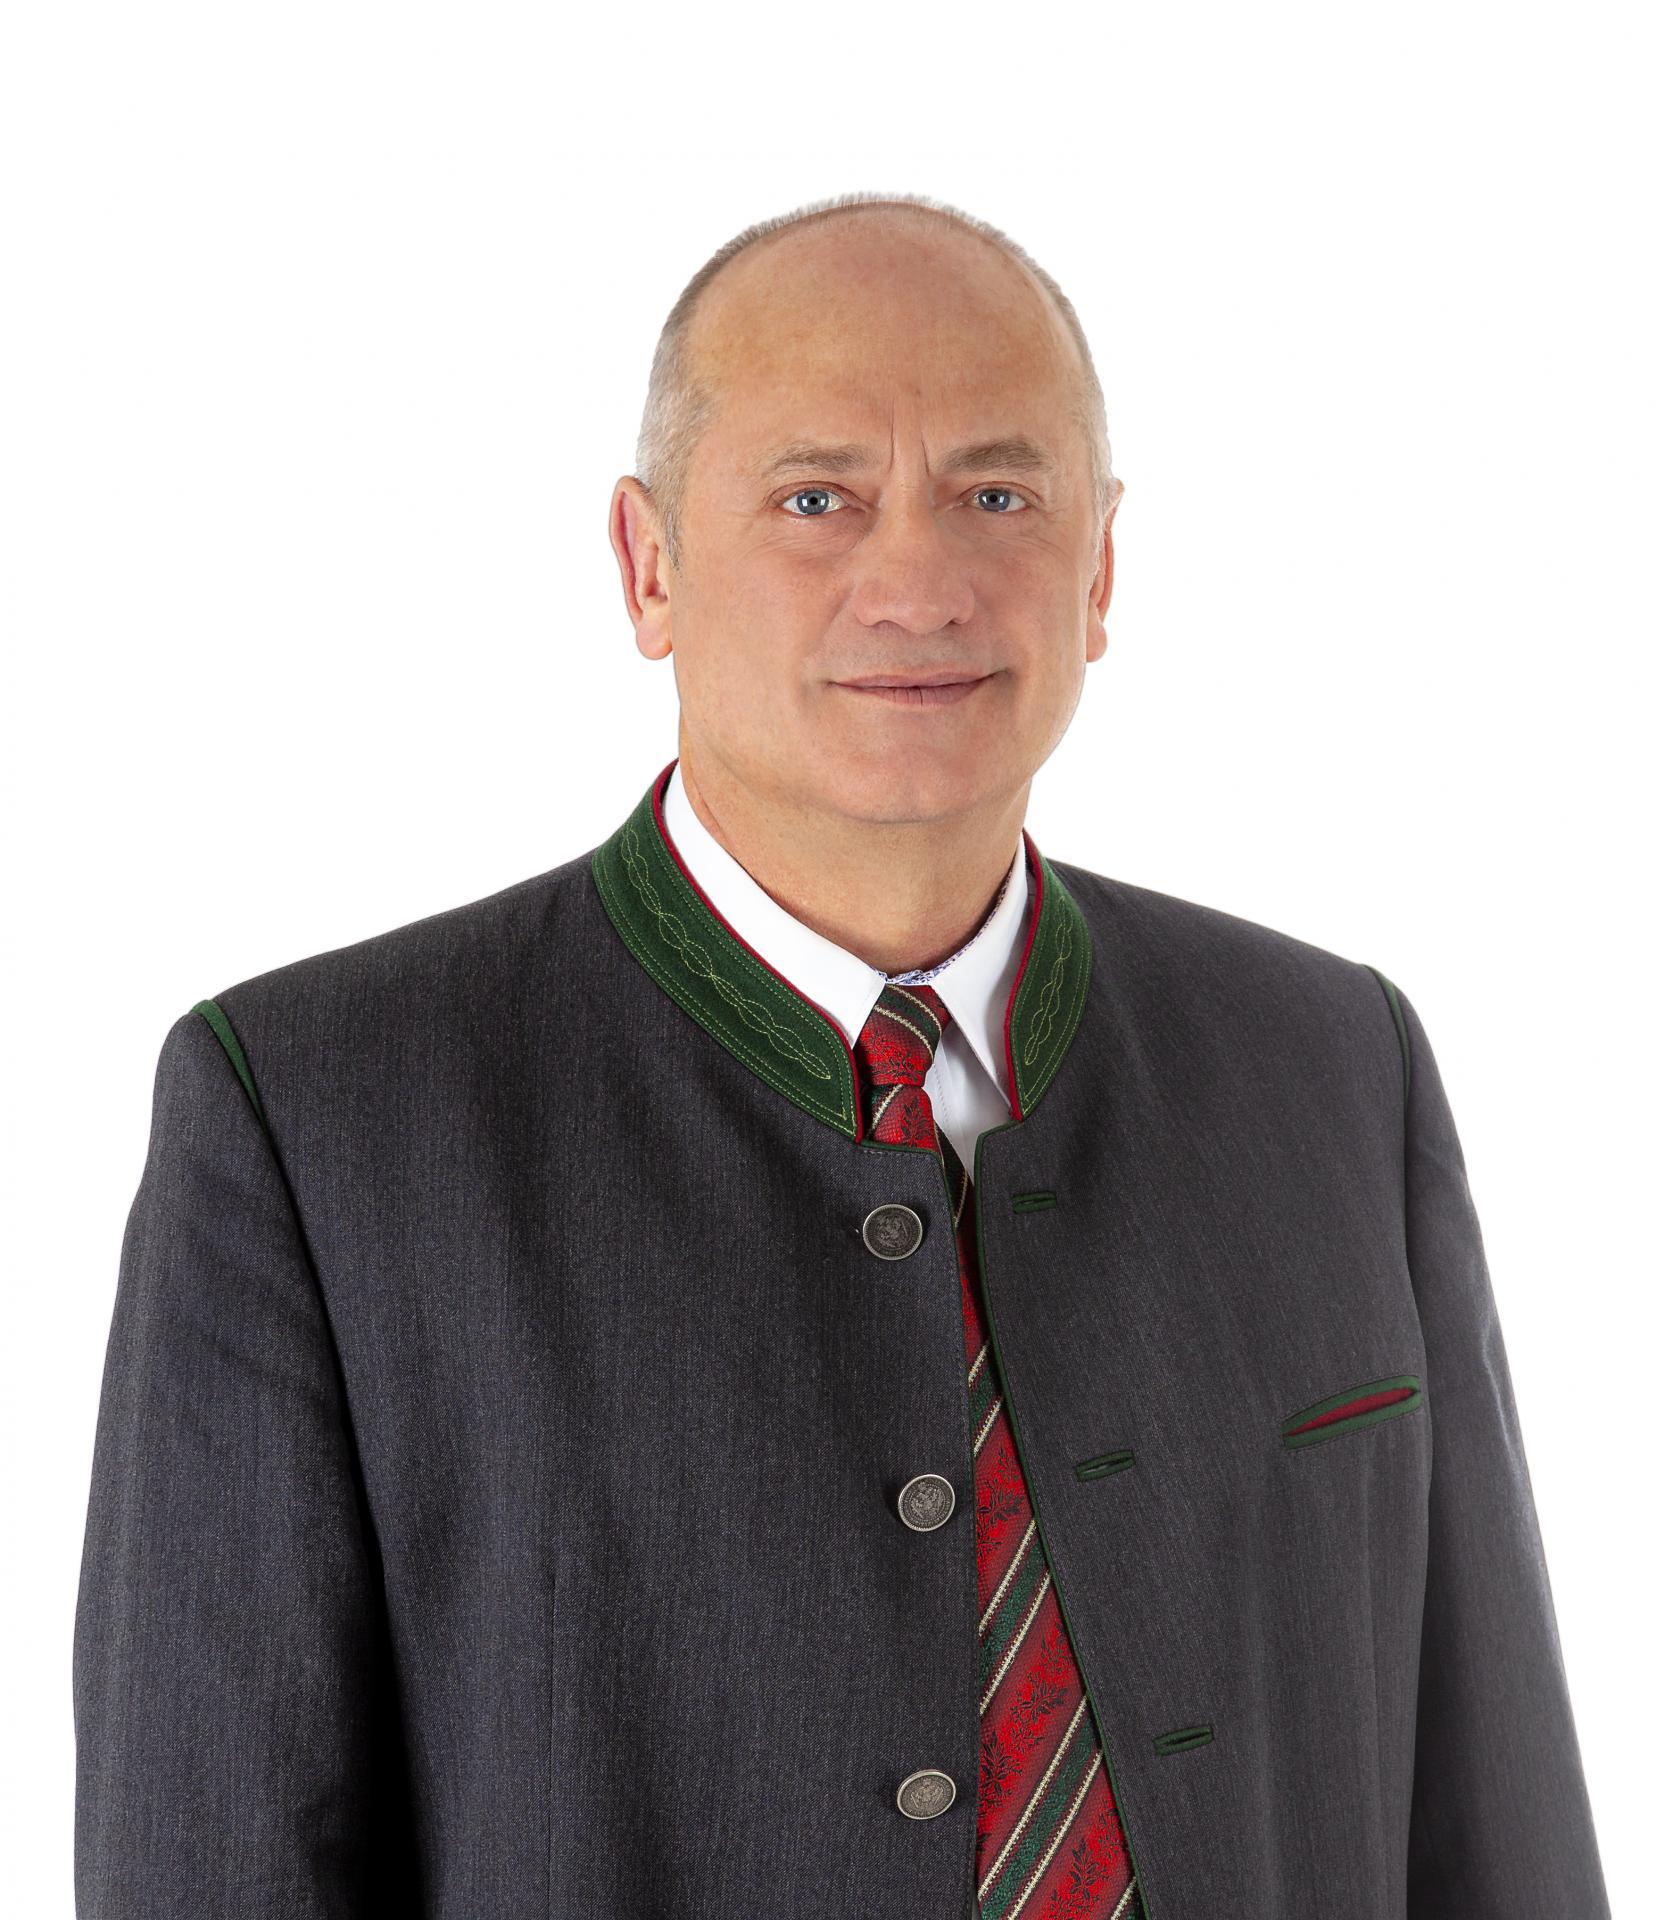 Erster Bürgermeister Walter Schauer